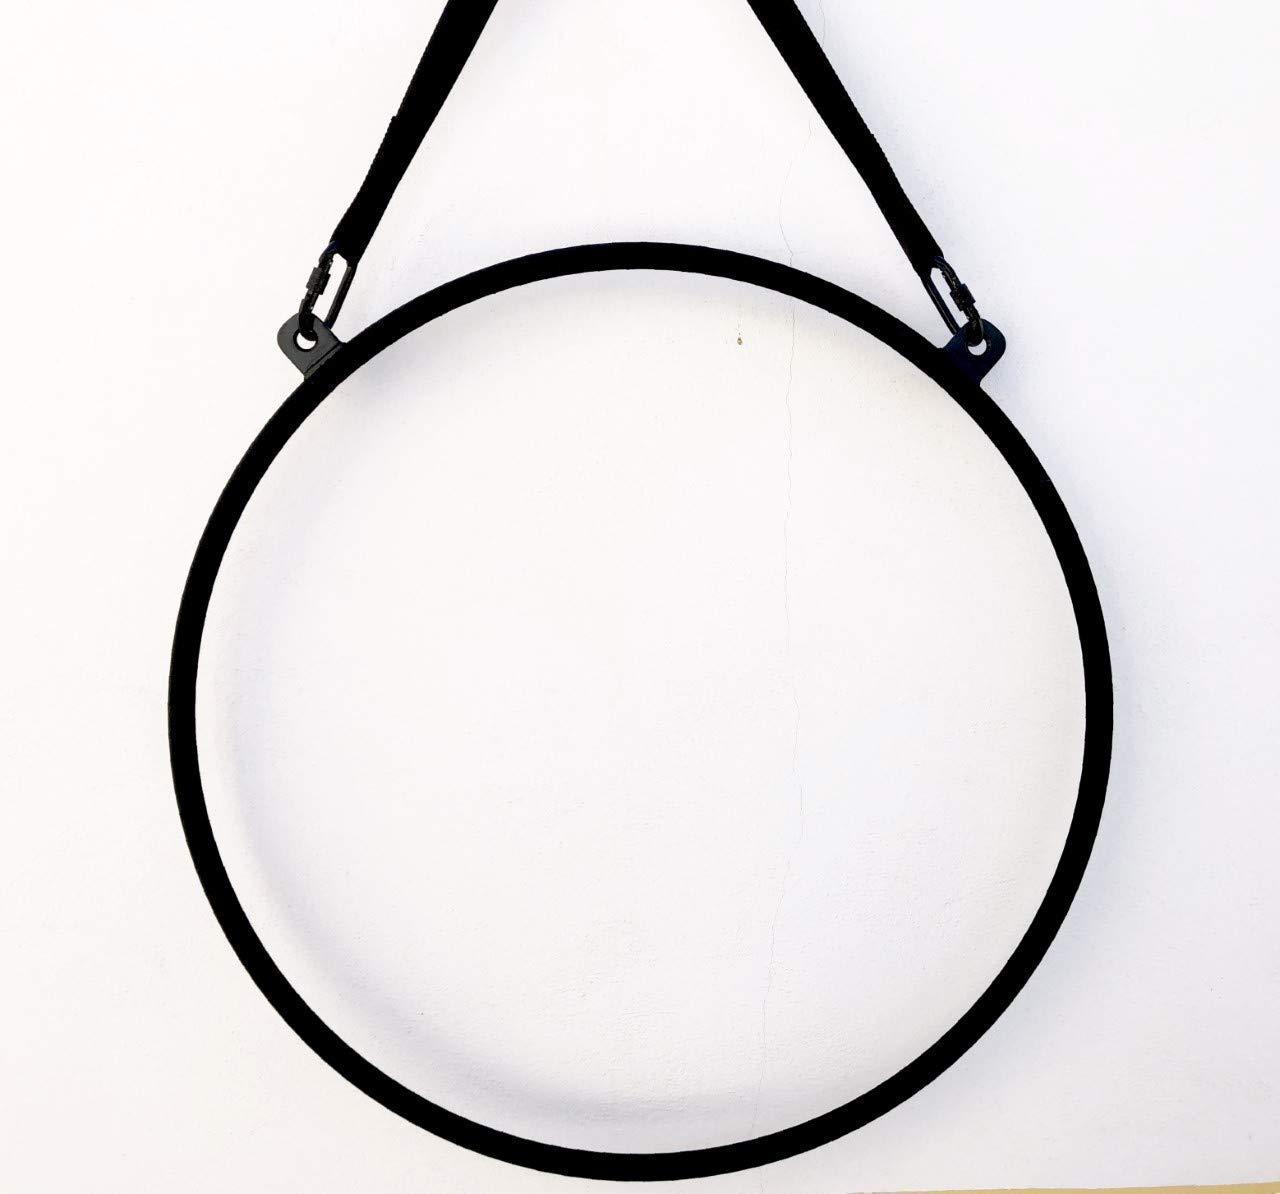 Aro aéreo acrobático,lira para hacer acrobacias aéreas como en telas de yoga,pilates,para acróbatas de circo,lyra,trapecios,etc...: Amazon.es: Handmade